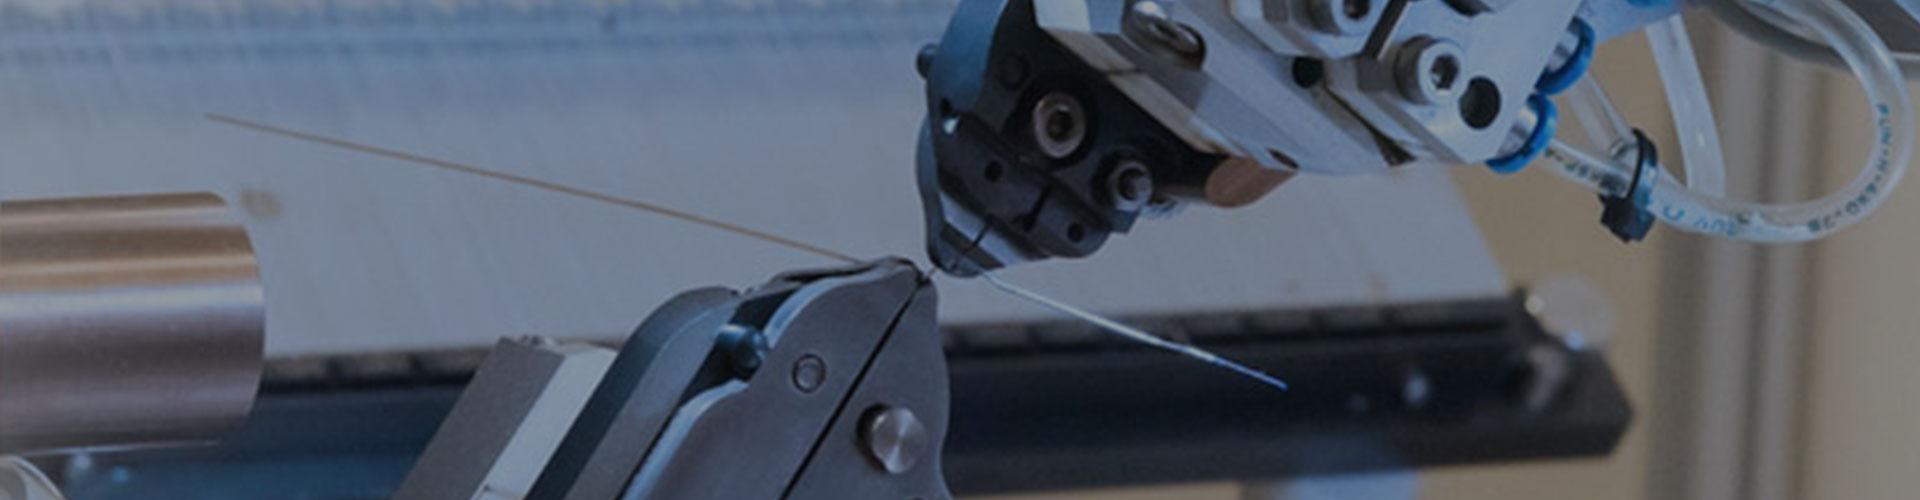 Precizia robotizată SureSmile